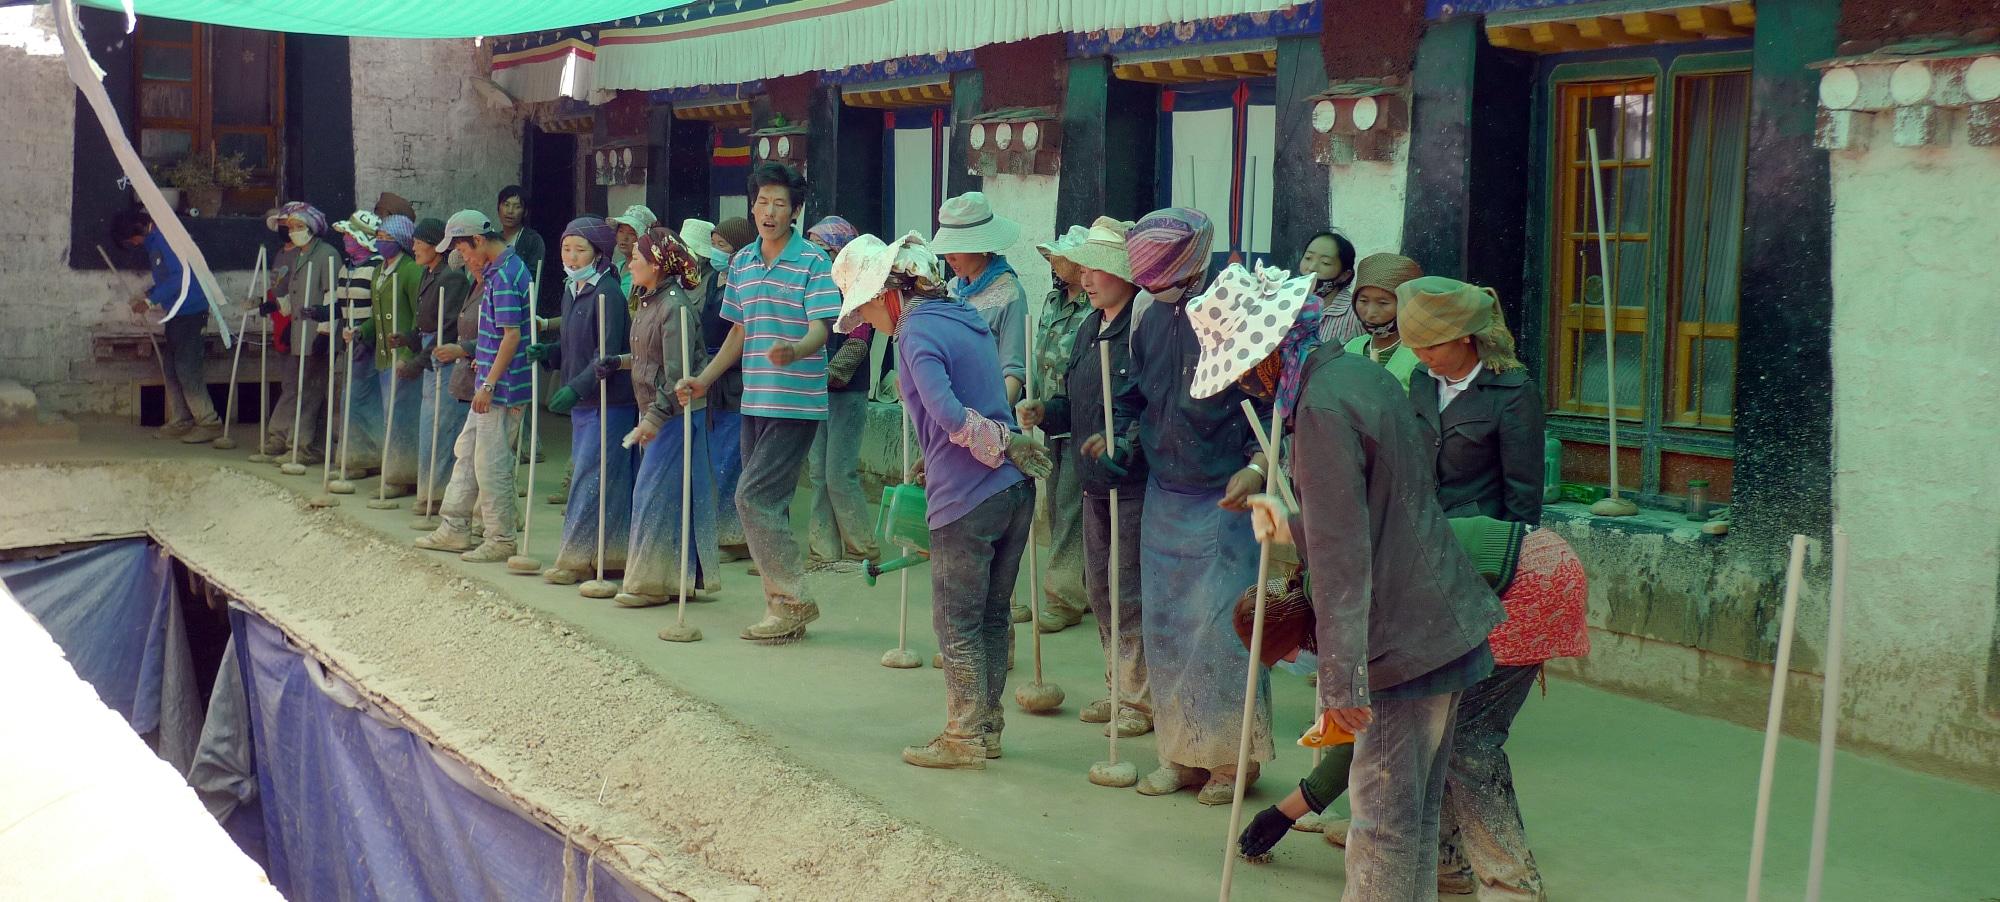 Groupe de jeunes tibétains refaisant le toit dans un monastère au rythme de leurs chants et martèlement de la pierre au bout du bâton.